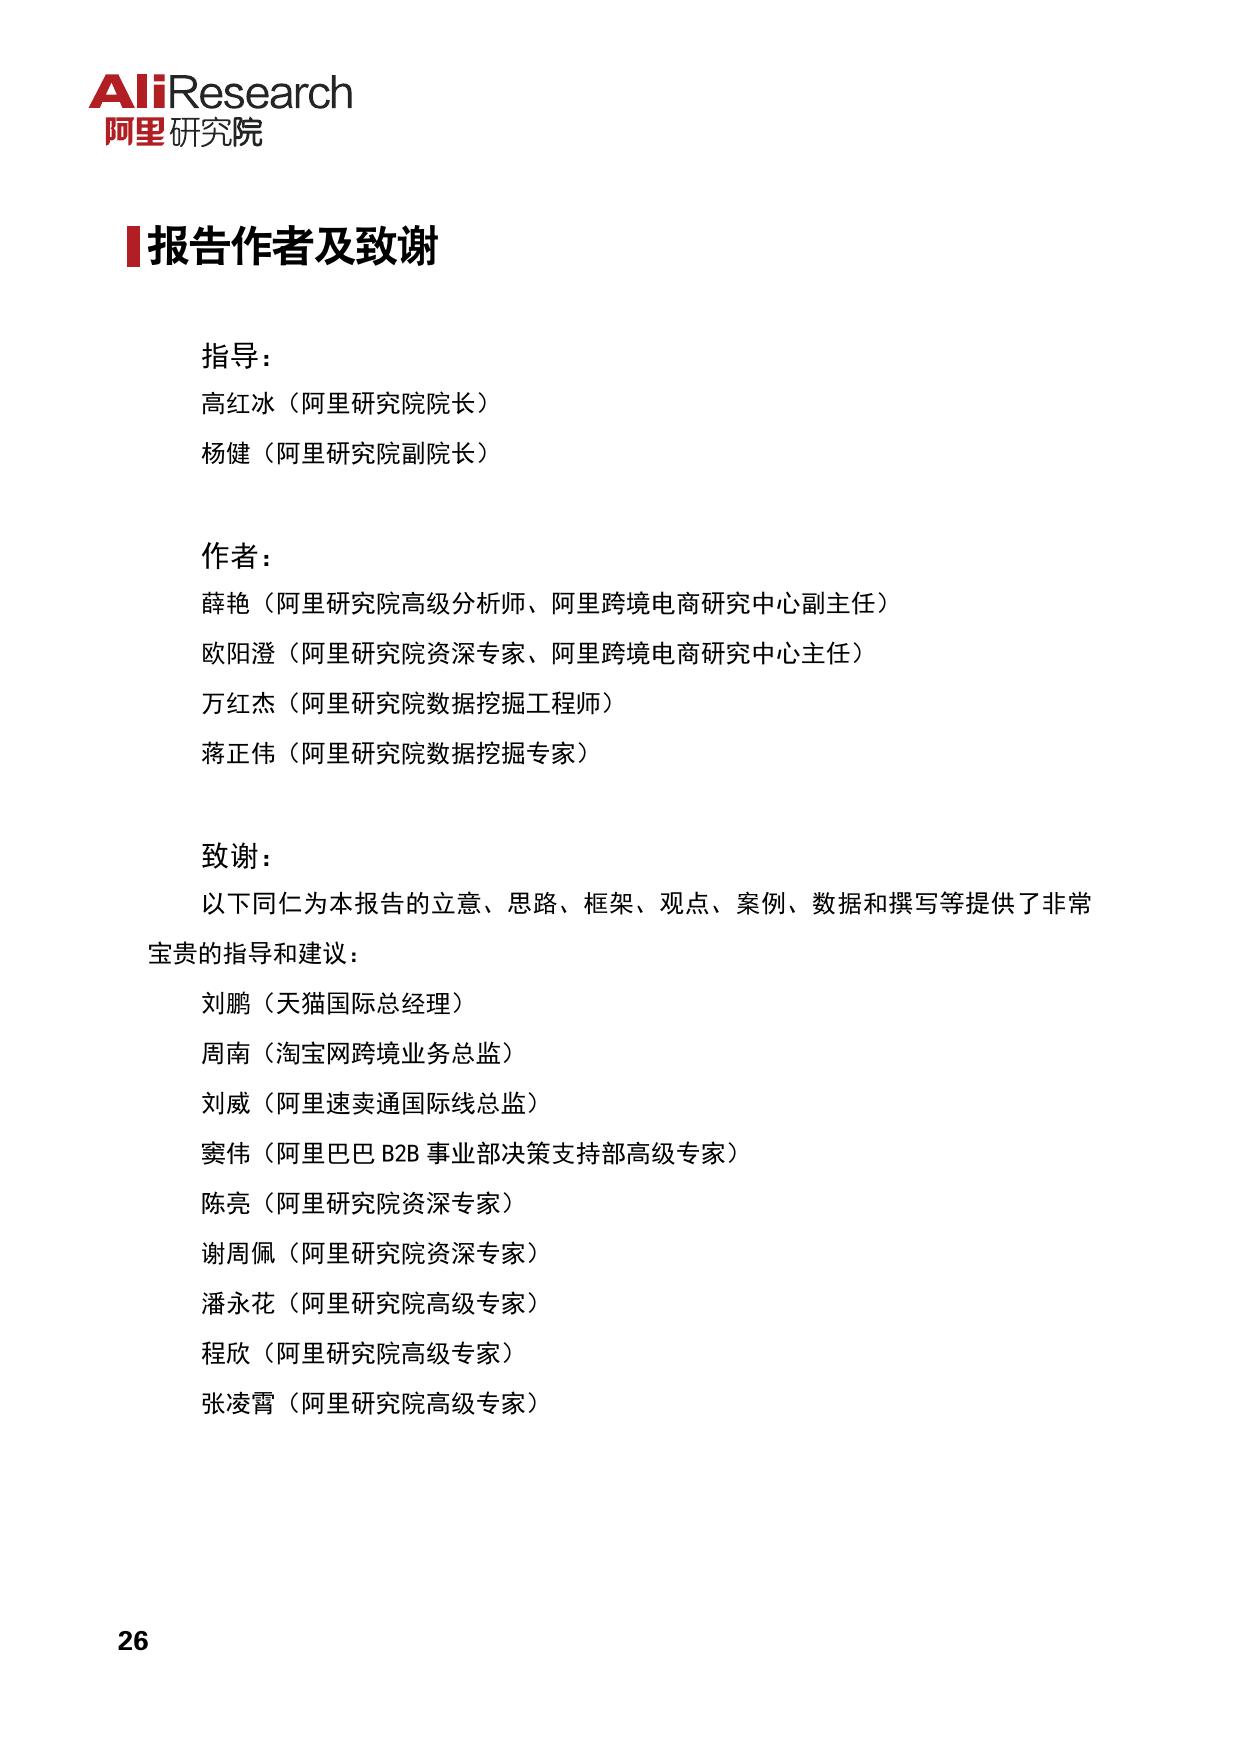 2016中国跨境电商发展报告_000030